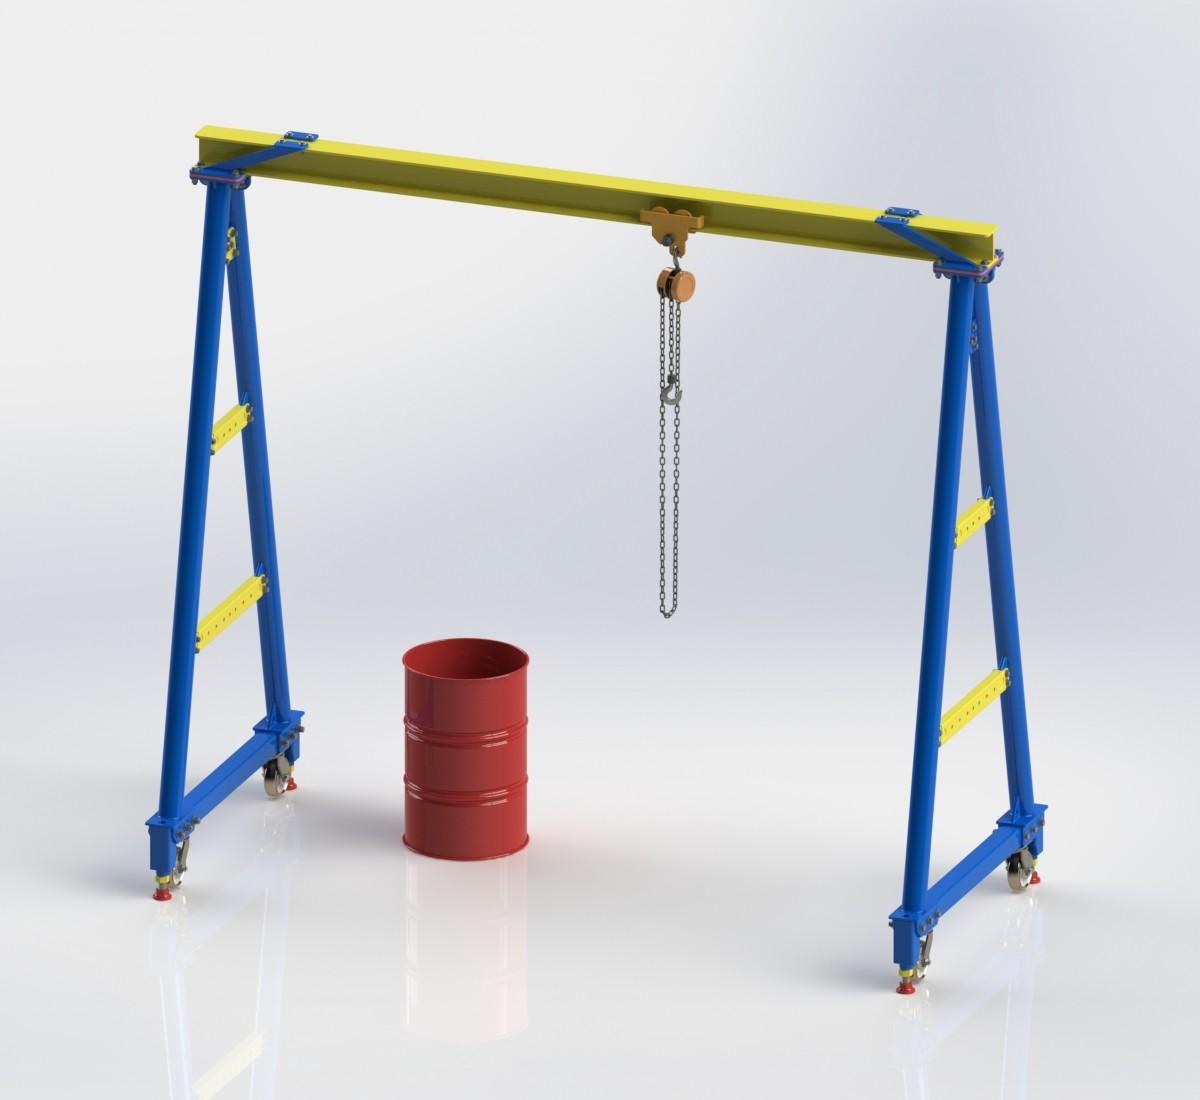 【模型】用SolidWorks软件设计一款逼真的门式起重机